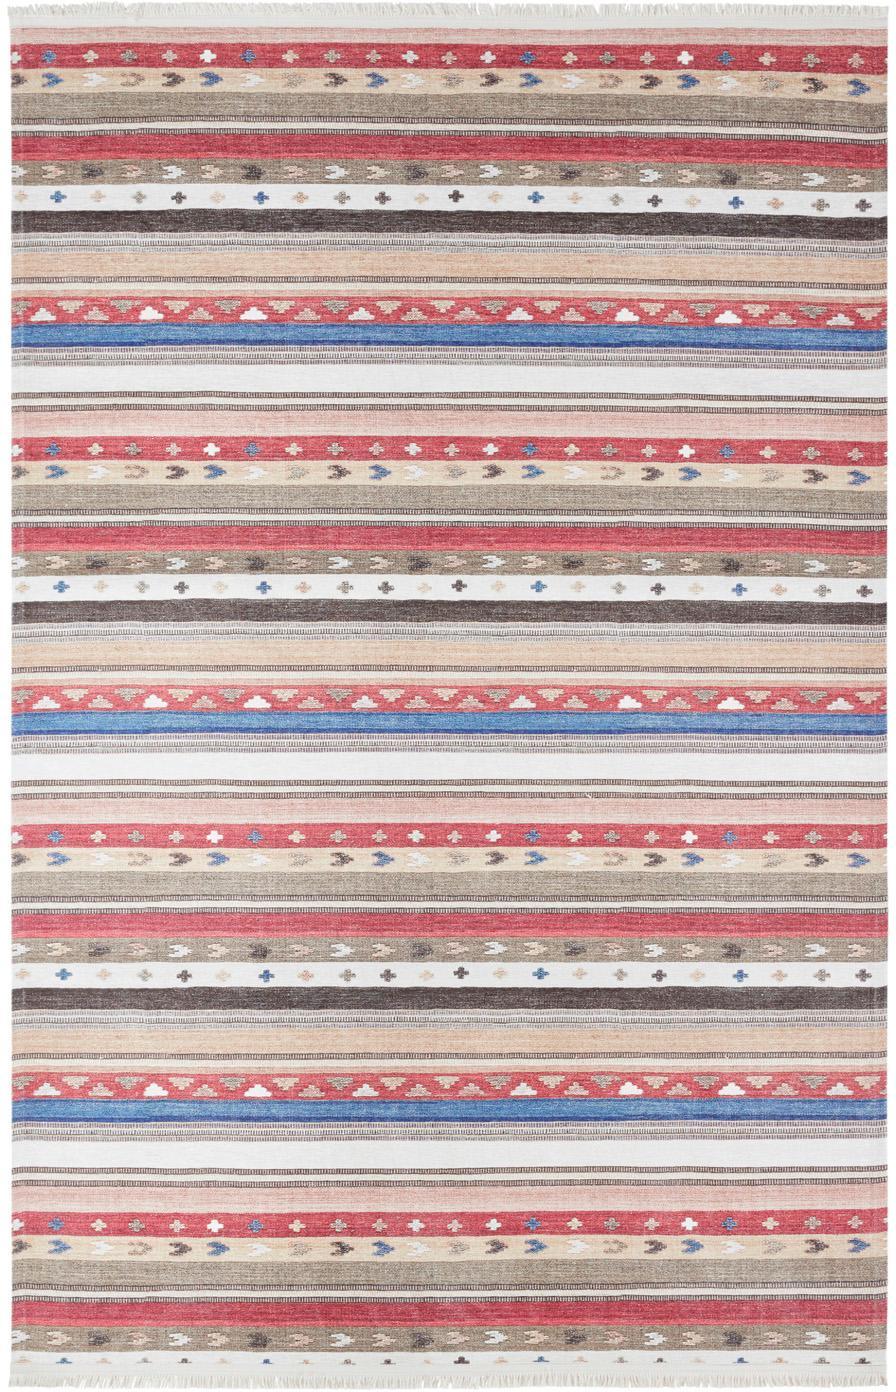 Teppich Senon im Orientstyle, Flor: 50%Polyester, 50%Baumwo, Mehrfarbig, B 180 x L 280 cm (Grösse M)